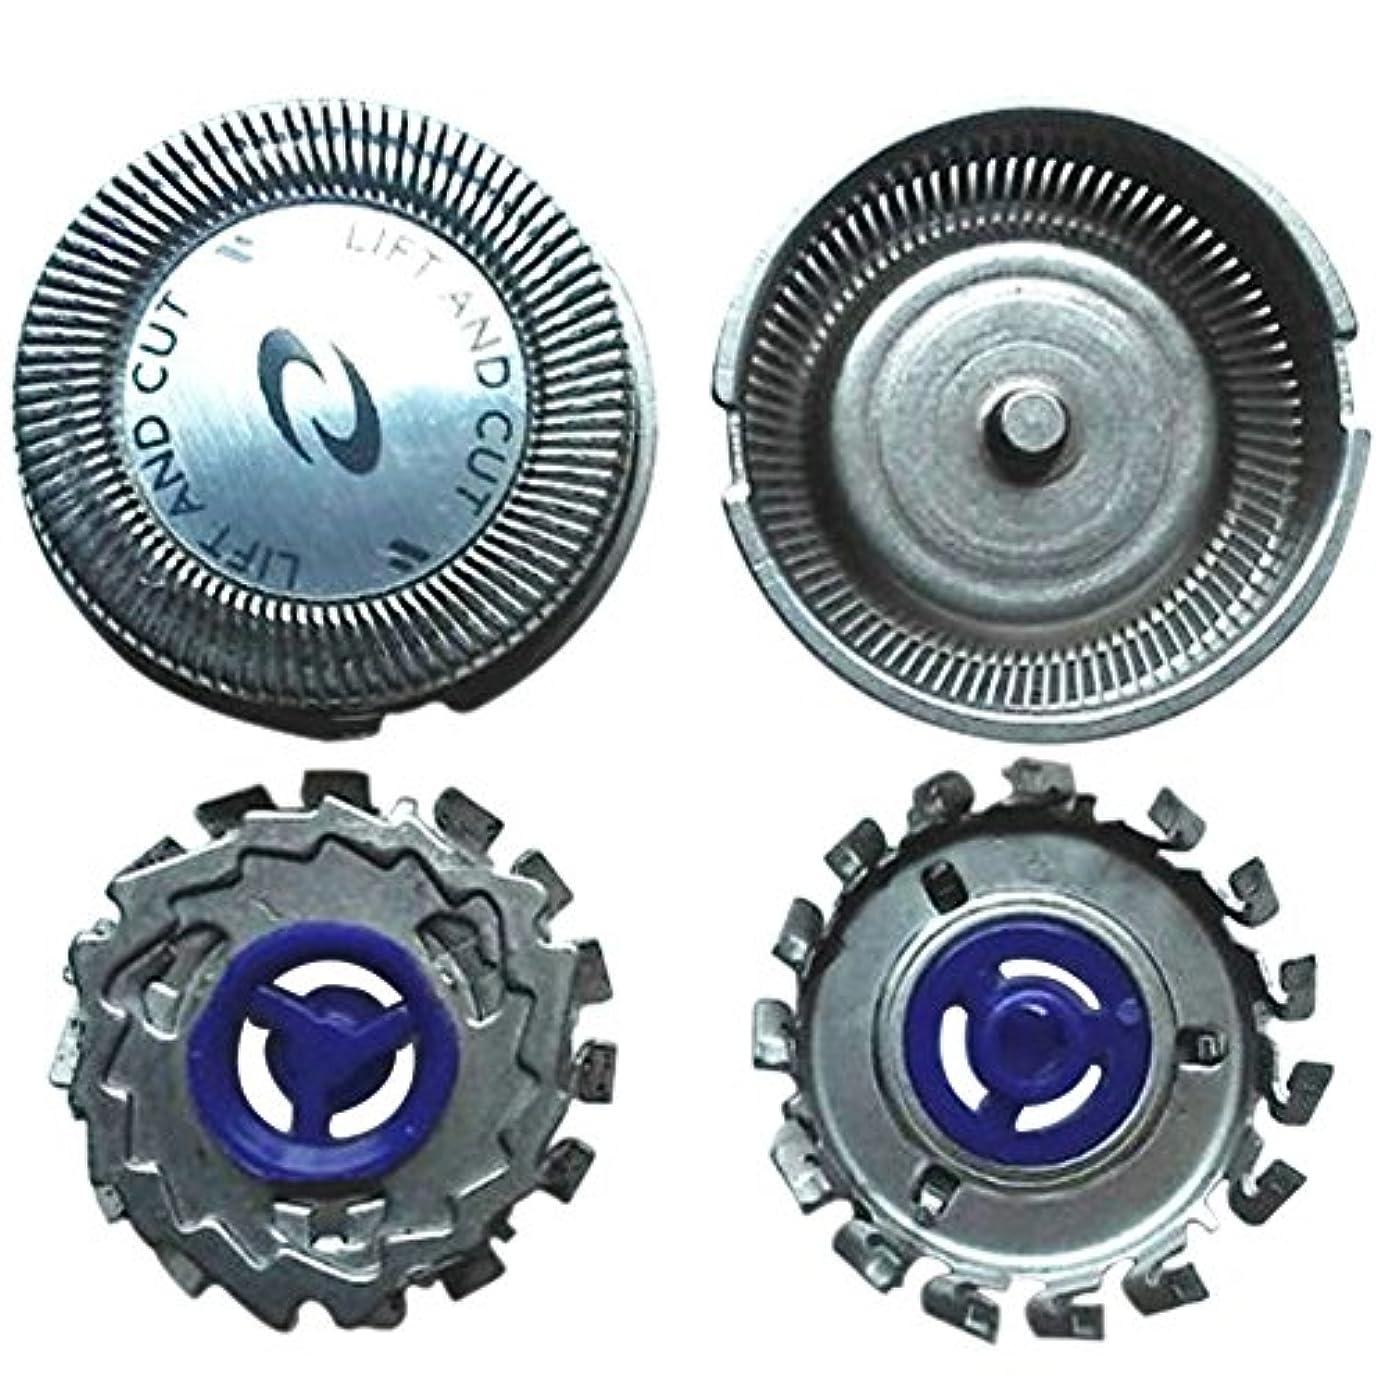 シンポジウム体系的に多年生Xinvision 置換 シェーバー かみそり 頭 刃 for Philips HQ30 HQ40 HQ56 PQ182 PQ202 YS500